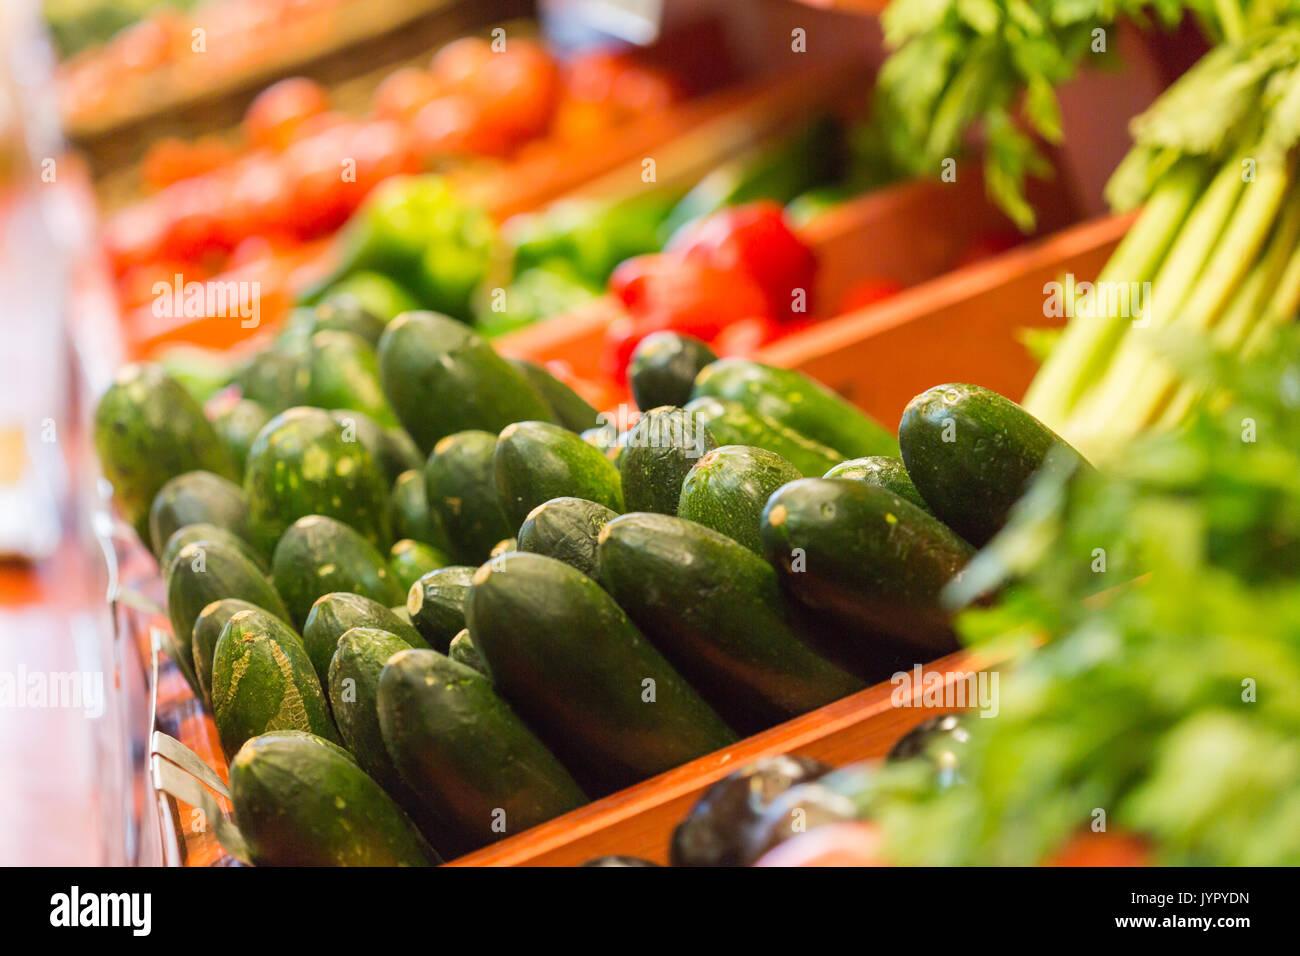 Un sacco di zucchine su un mercato in stallo. Questi sono gli ortaggi verdi e molto buona per la salute. Immagini Stock